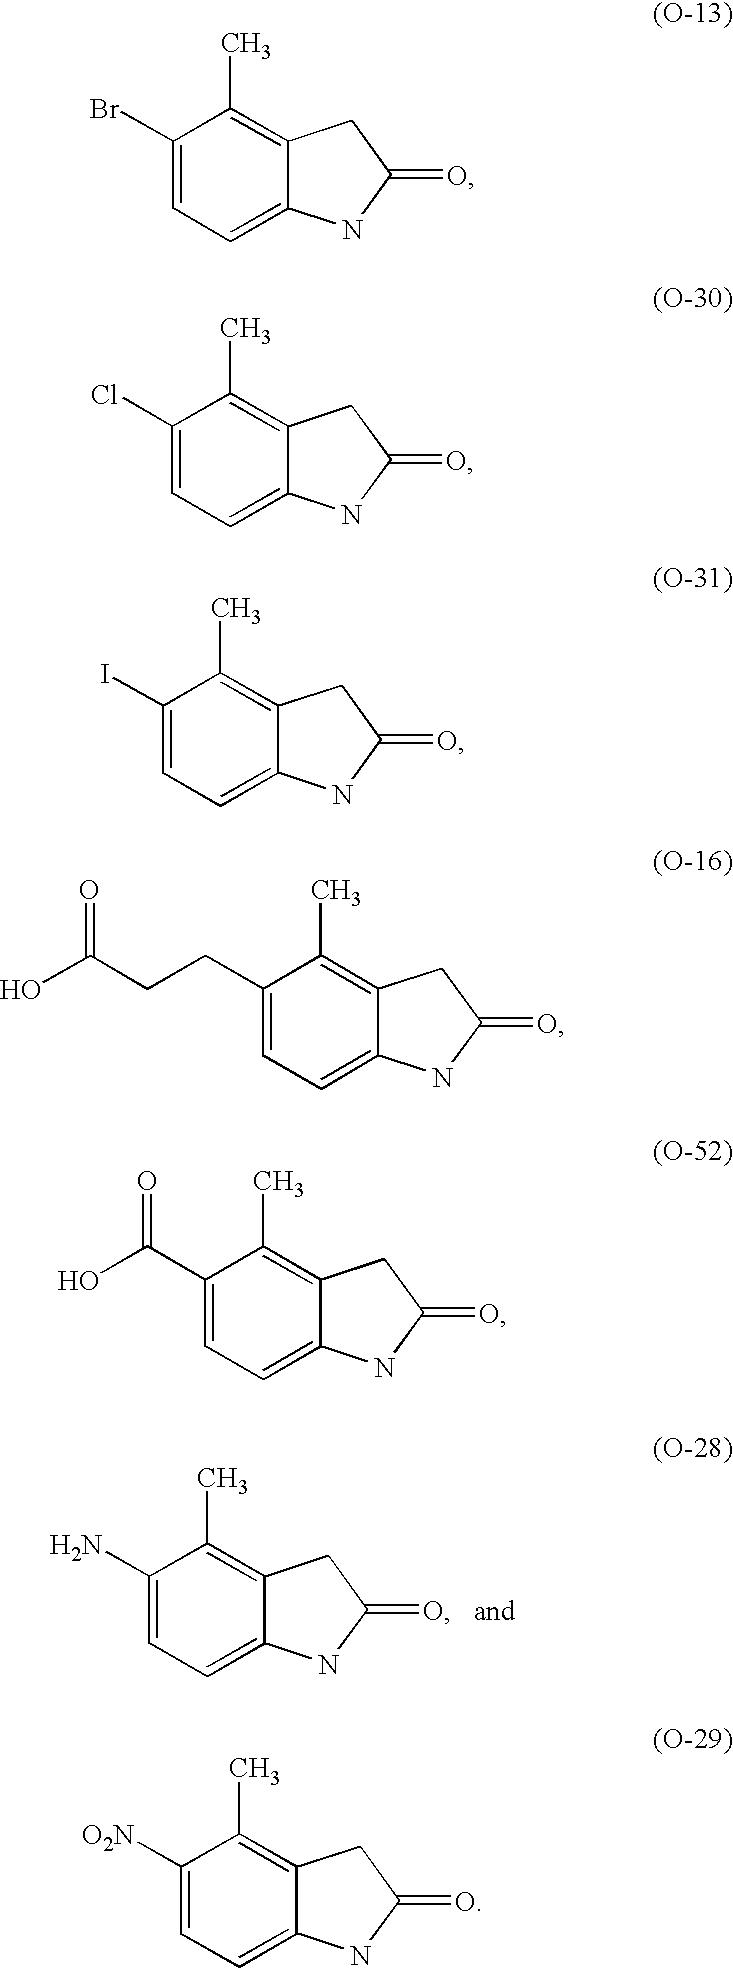 Figure US20030203901A1-20031030-C00036